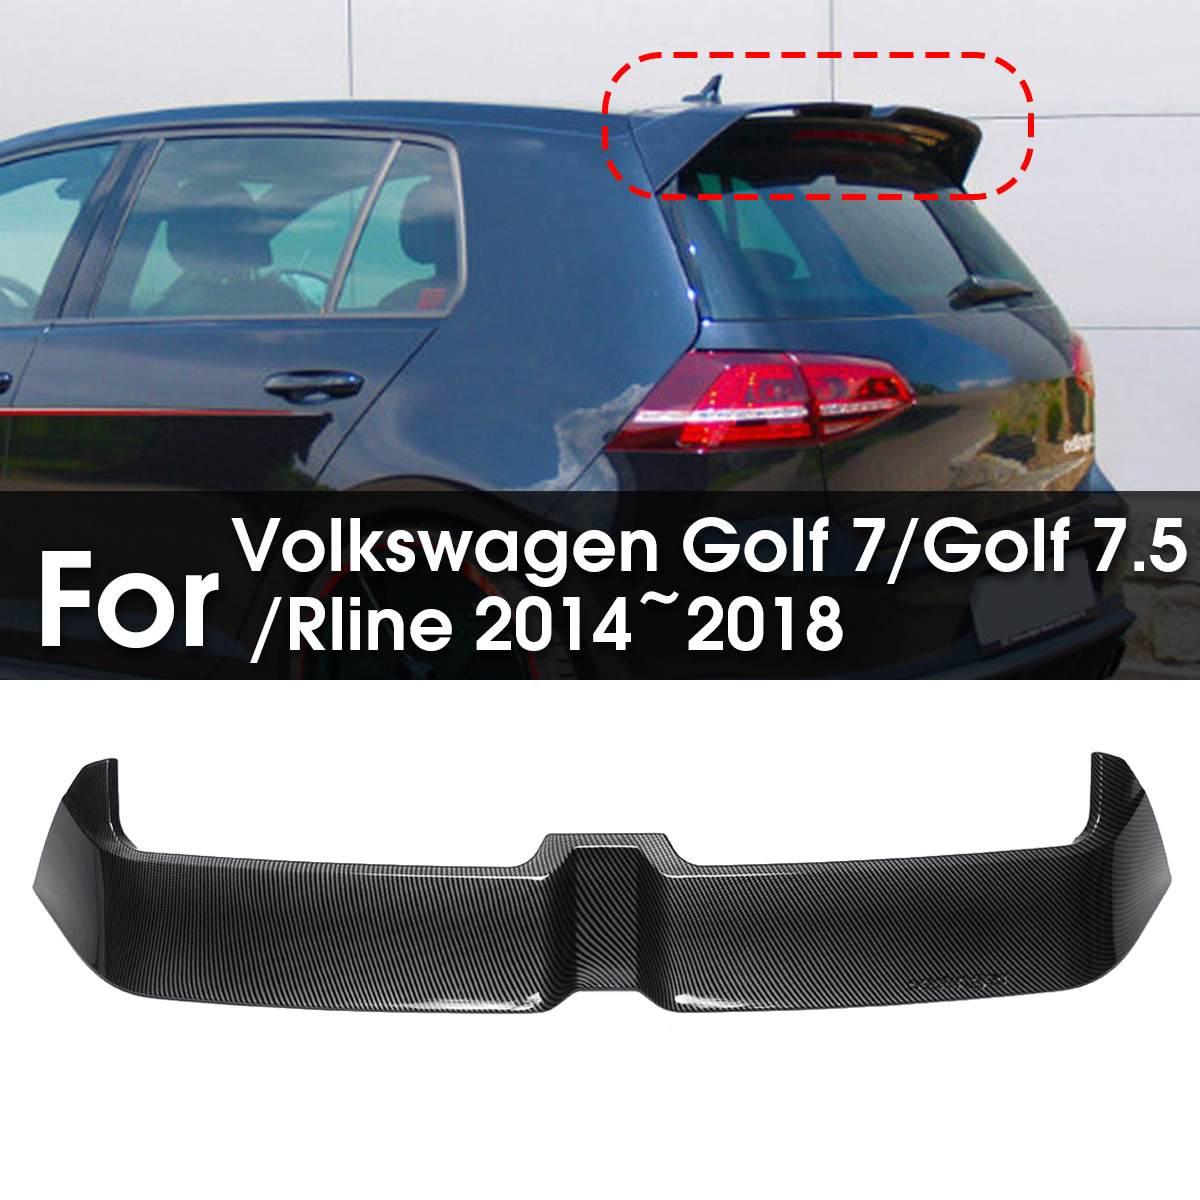 NOUVEAU 1 pièces Spoiler En Fiber De Carbone Style Toit Aile pare-brise Coffre ailes Pour Volkswagen Golf 7/Golf 7.5/Rline 2014 ~ 2018